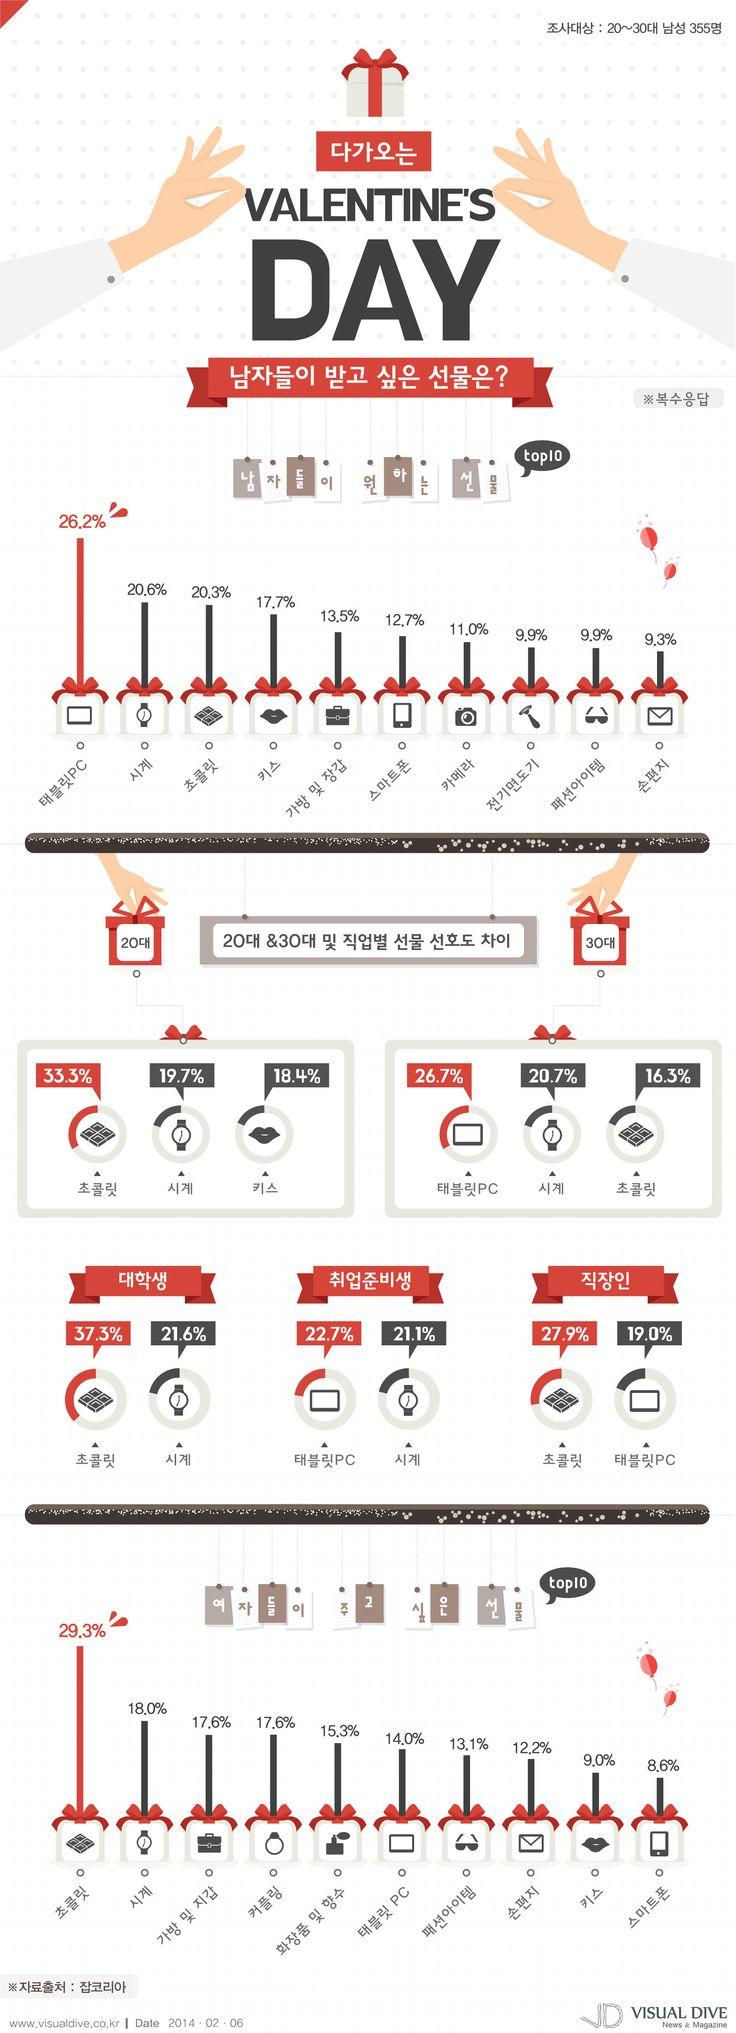 [인포그래픽] 발렌타인데이, 남자들이 받고 싶은 선물은 초콜릿? #valentine / #Infographic ⓒ 비주얼다이브 무단 복사·전재·재배포 금지